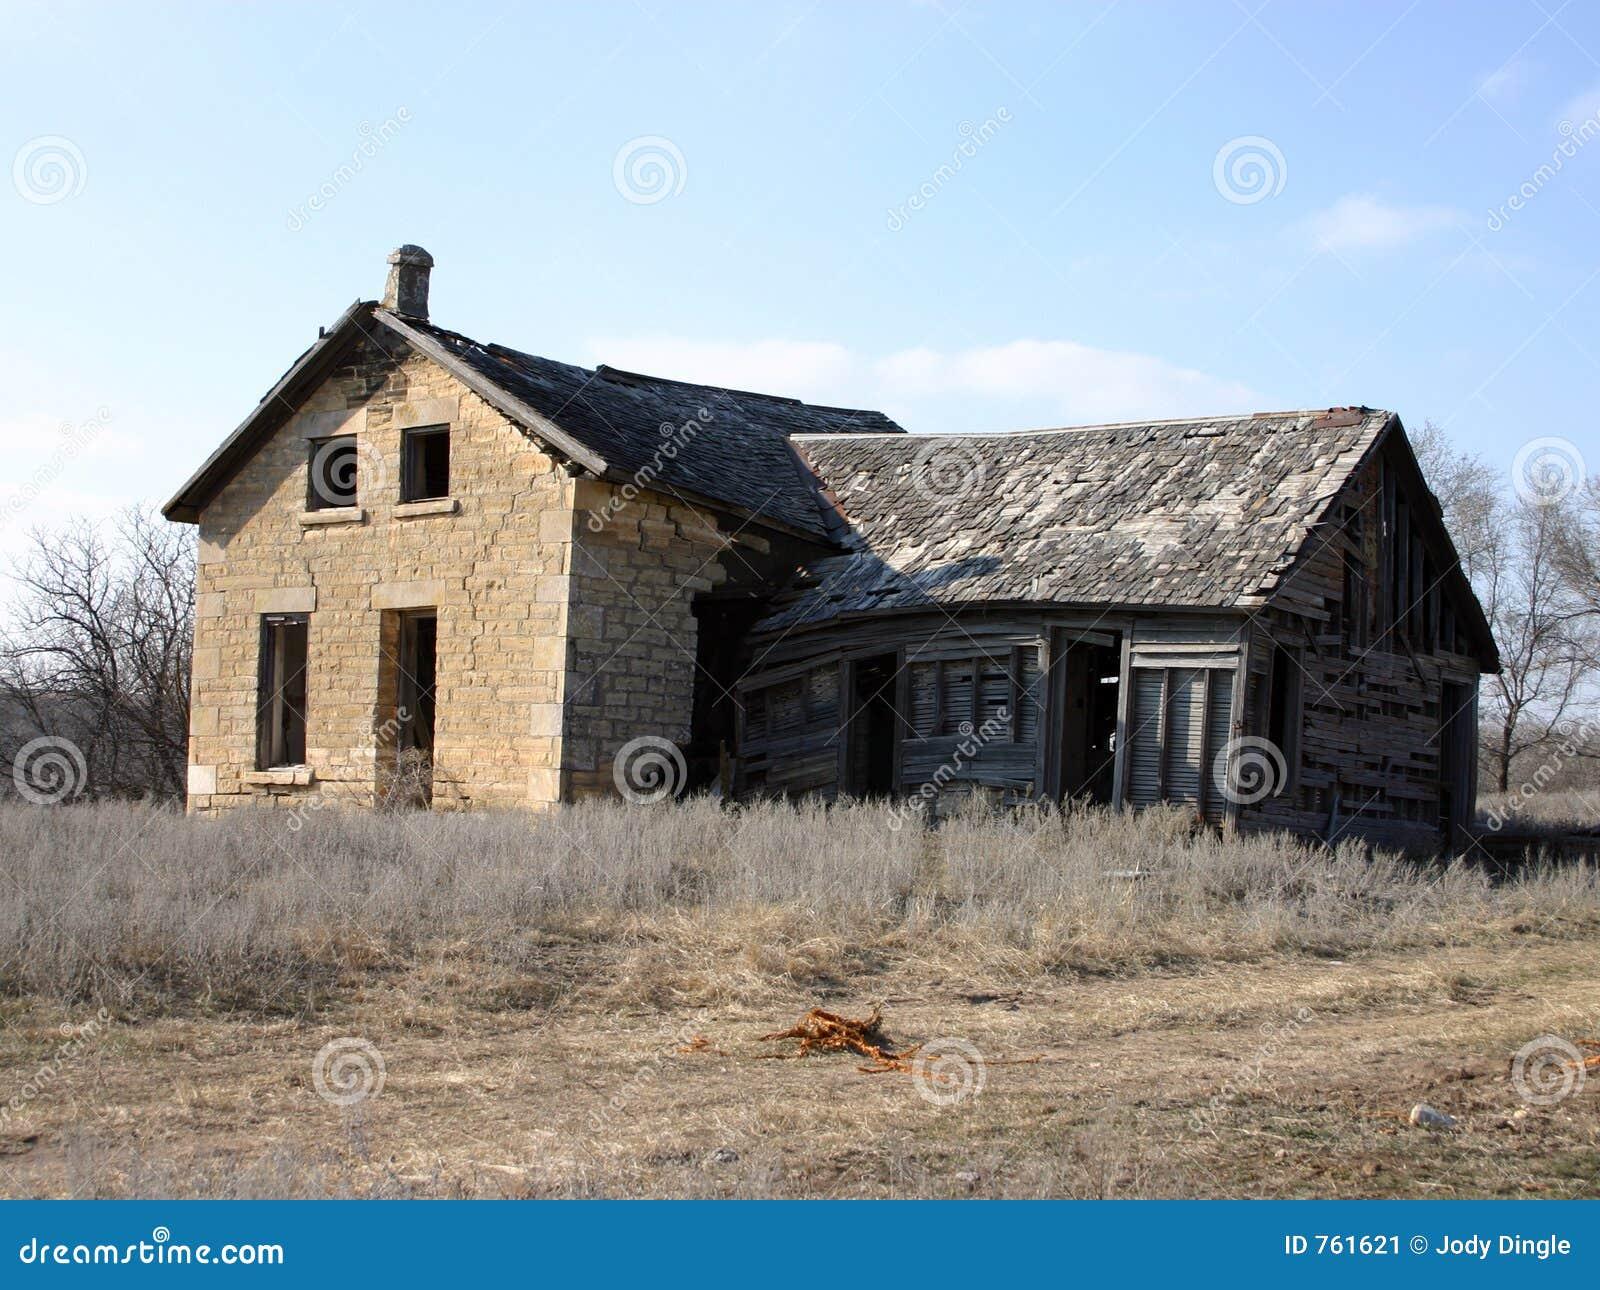 Abandoned Old Stone Farm House Stock Image Image 761621